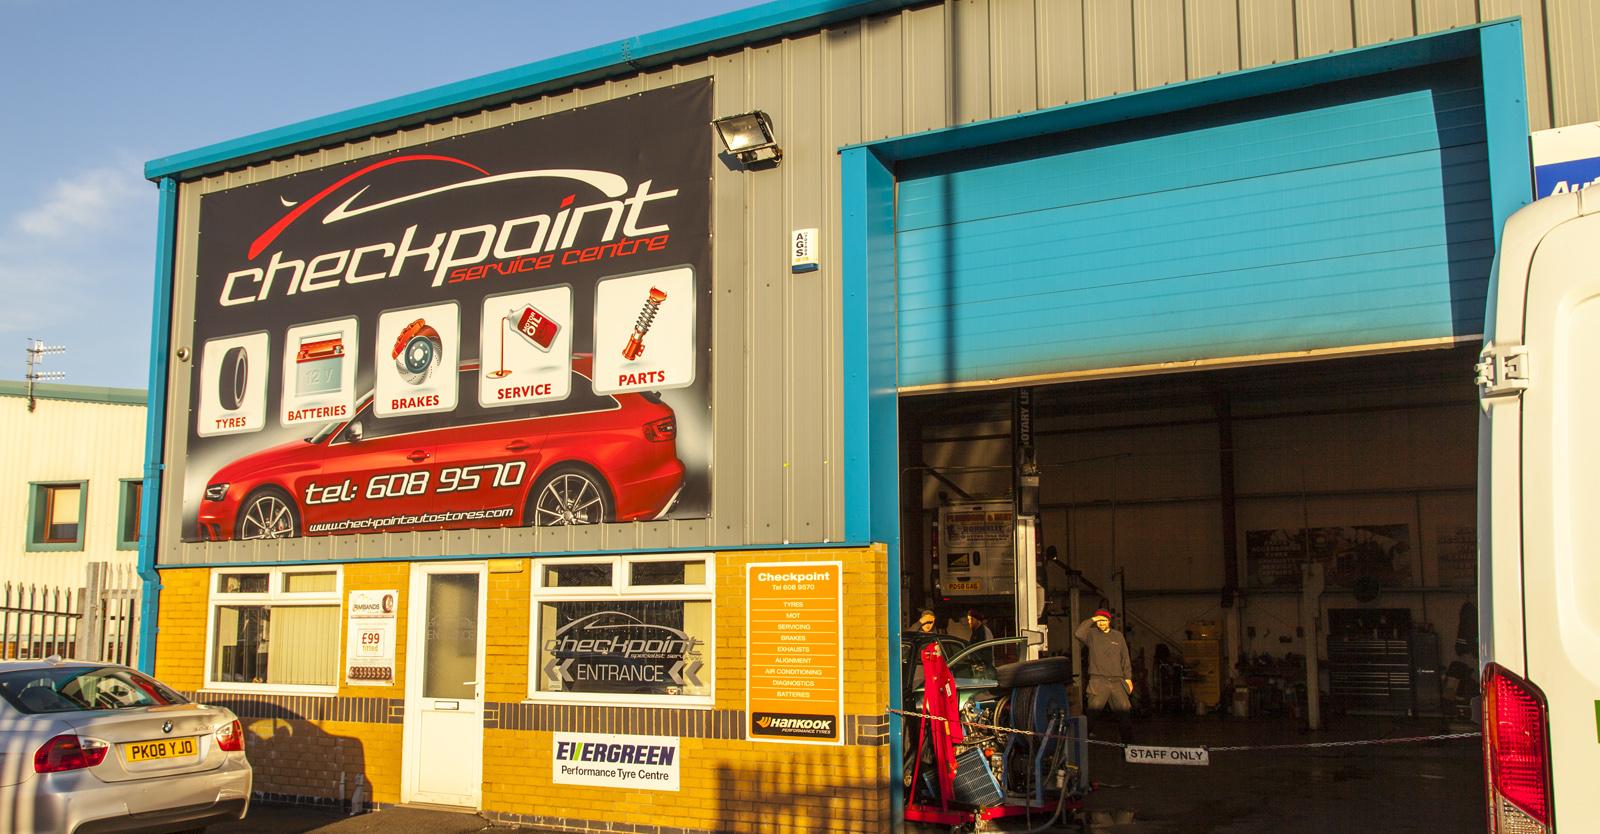 Checkpoint Prenton - Car servicing, tyres, exhausts, MOT centre